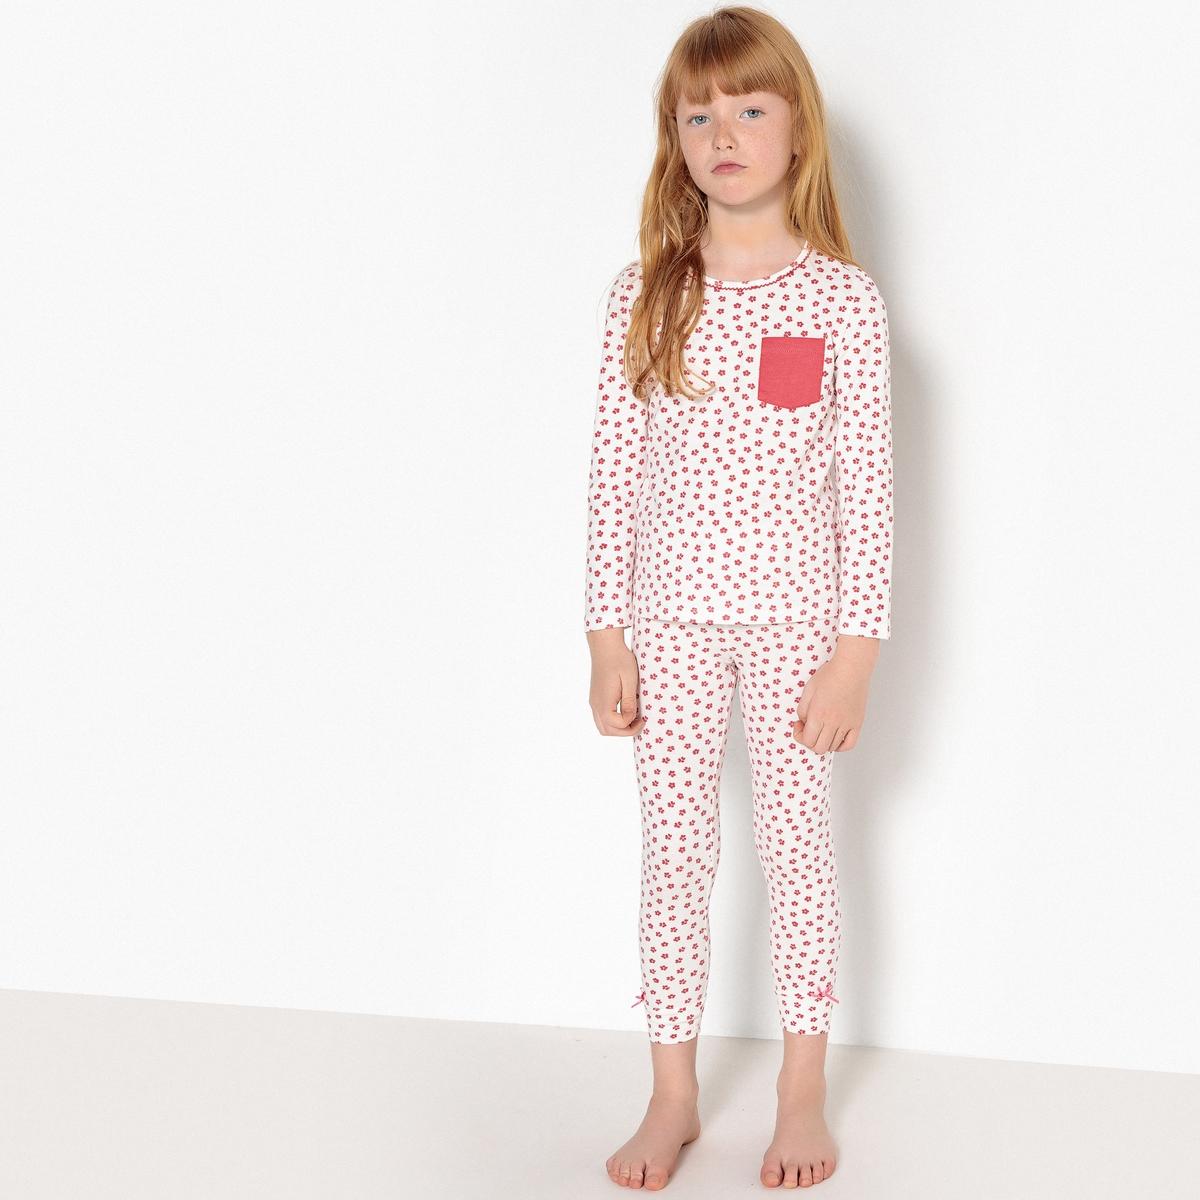 Пижама с цветочным рисунком, 3-12 лет пижама хлопковая с рисунком 0 мес 3 лет oeko tex